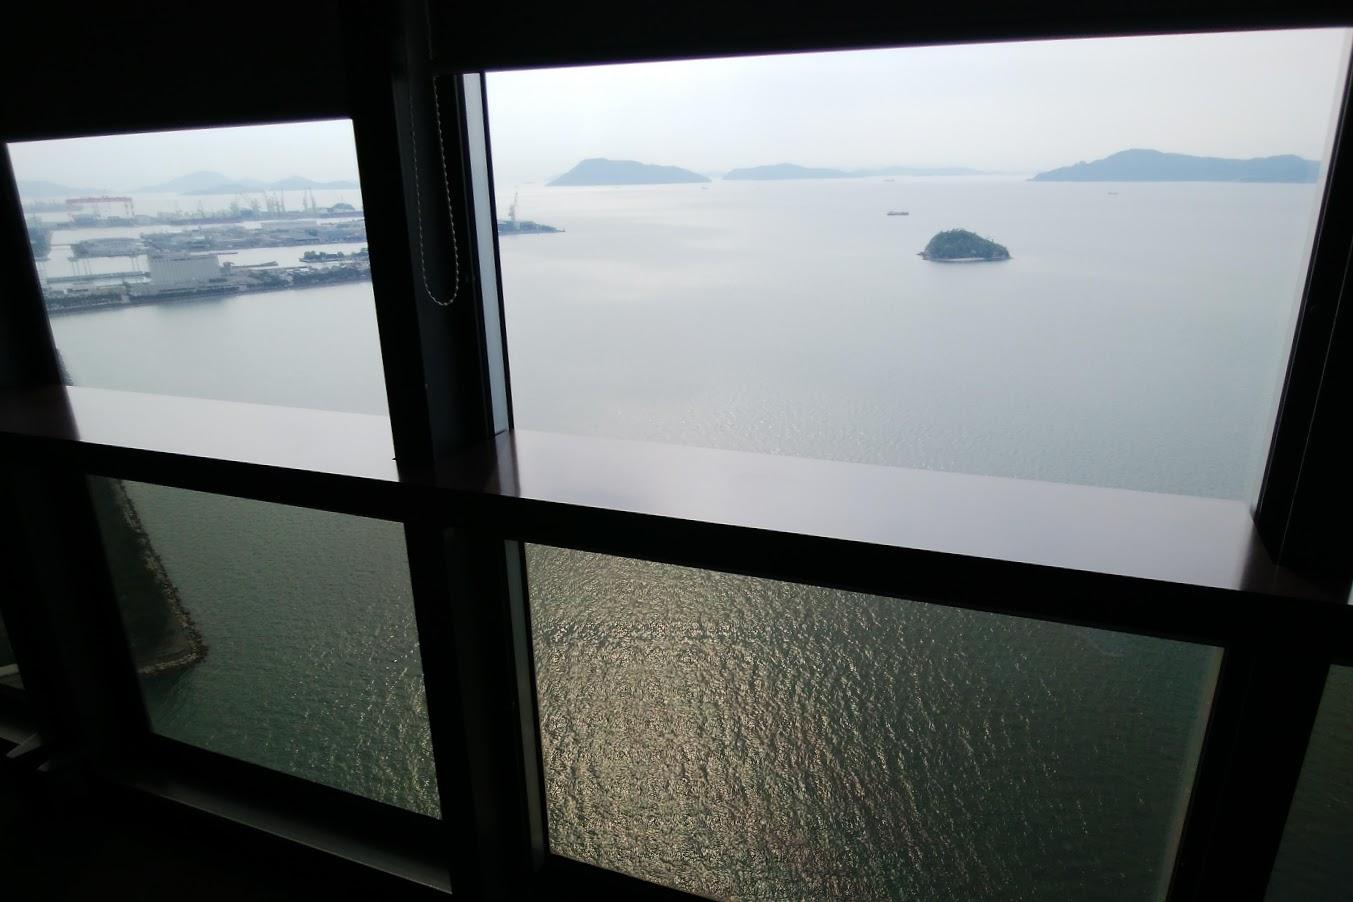 宇多津ゴールドタワーから見る瀬戸内海高見島